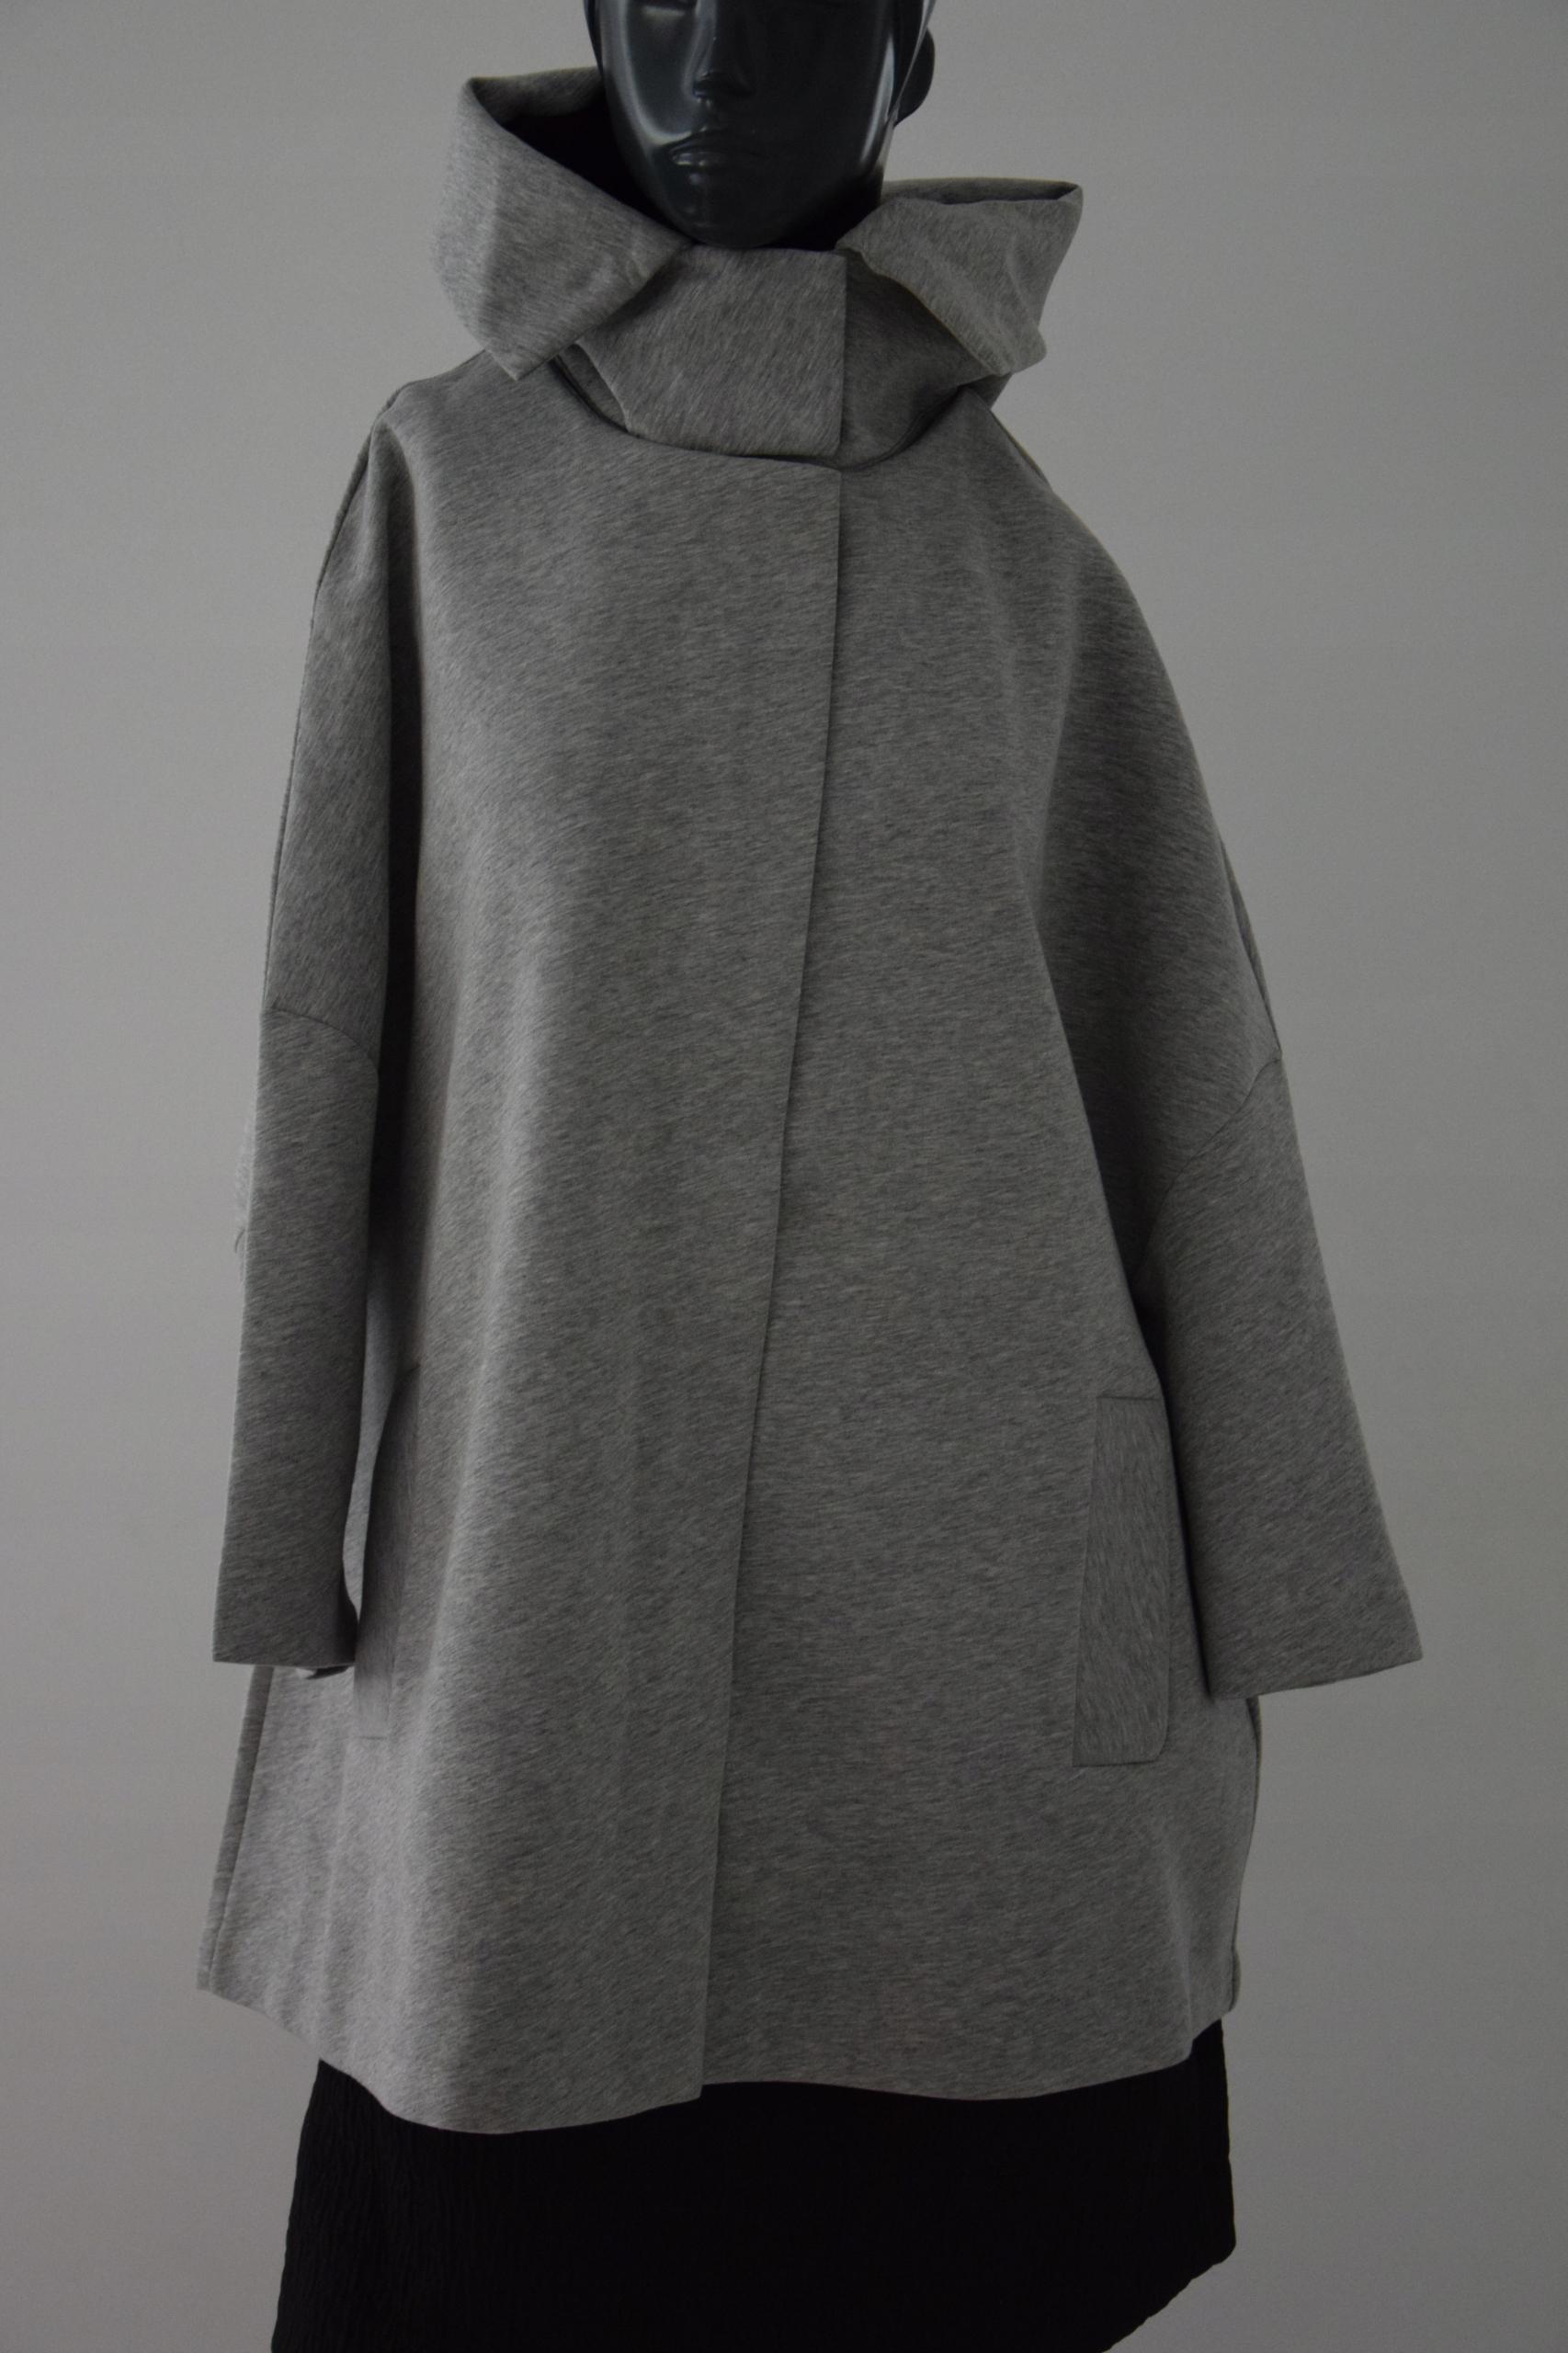 cos szary dresowy płaszcz oversize A-line r. M/38